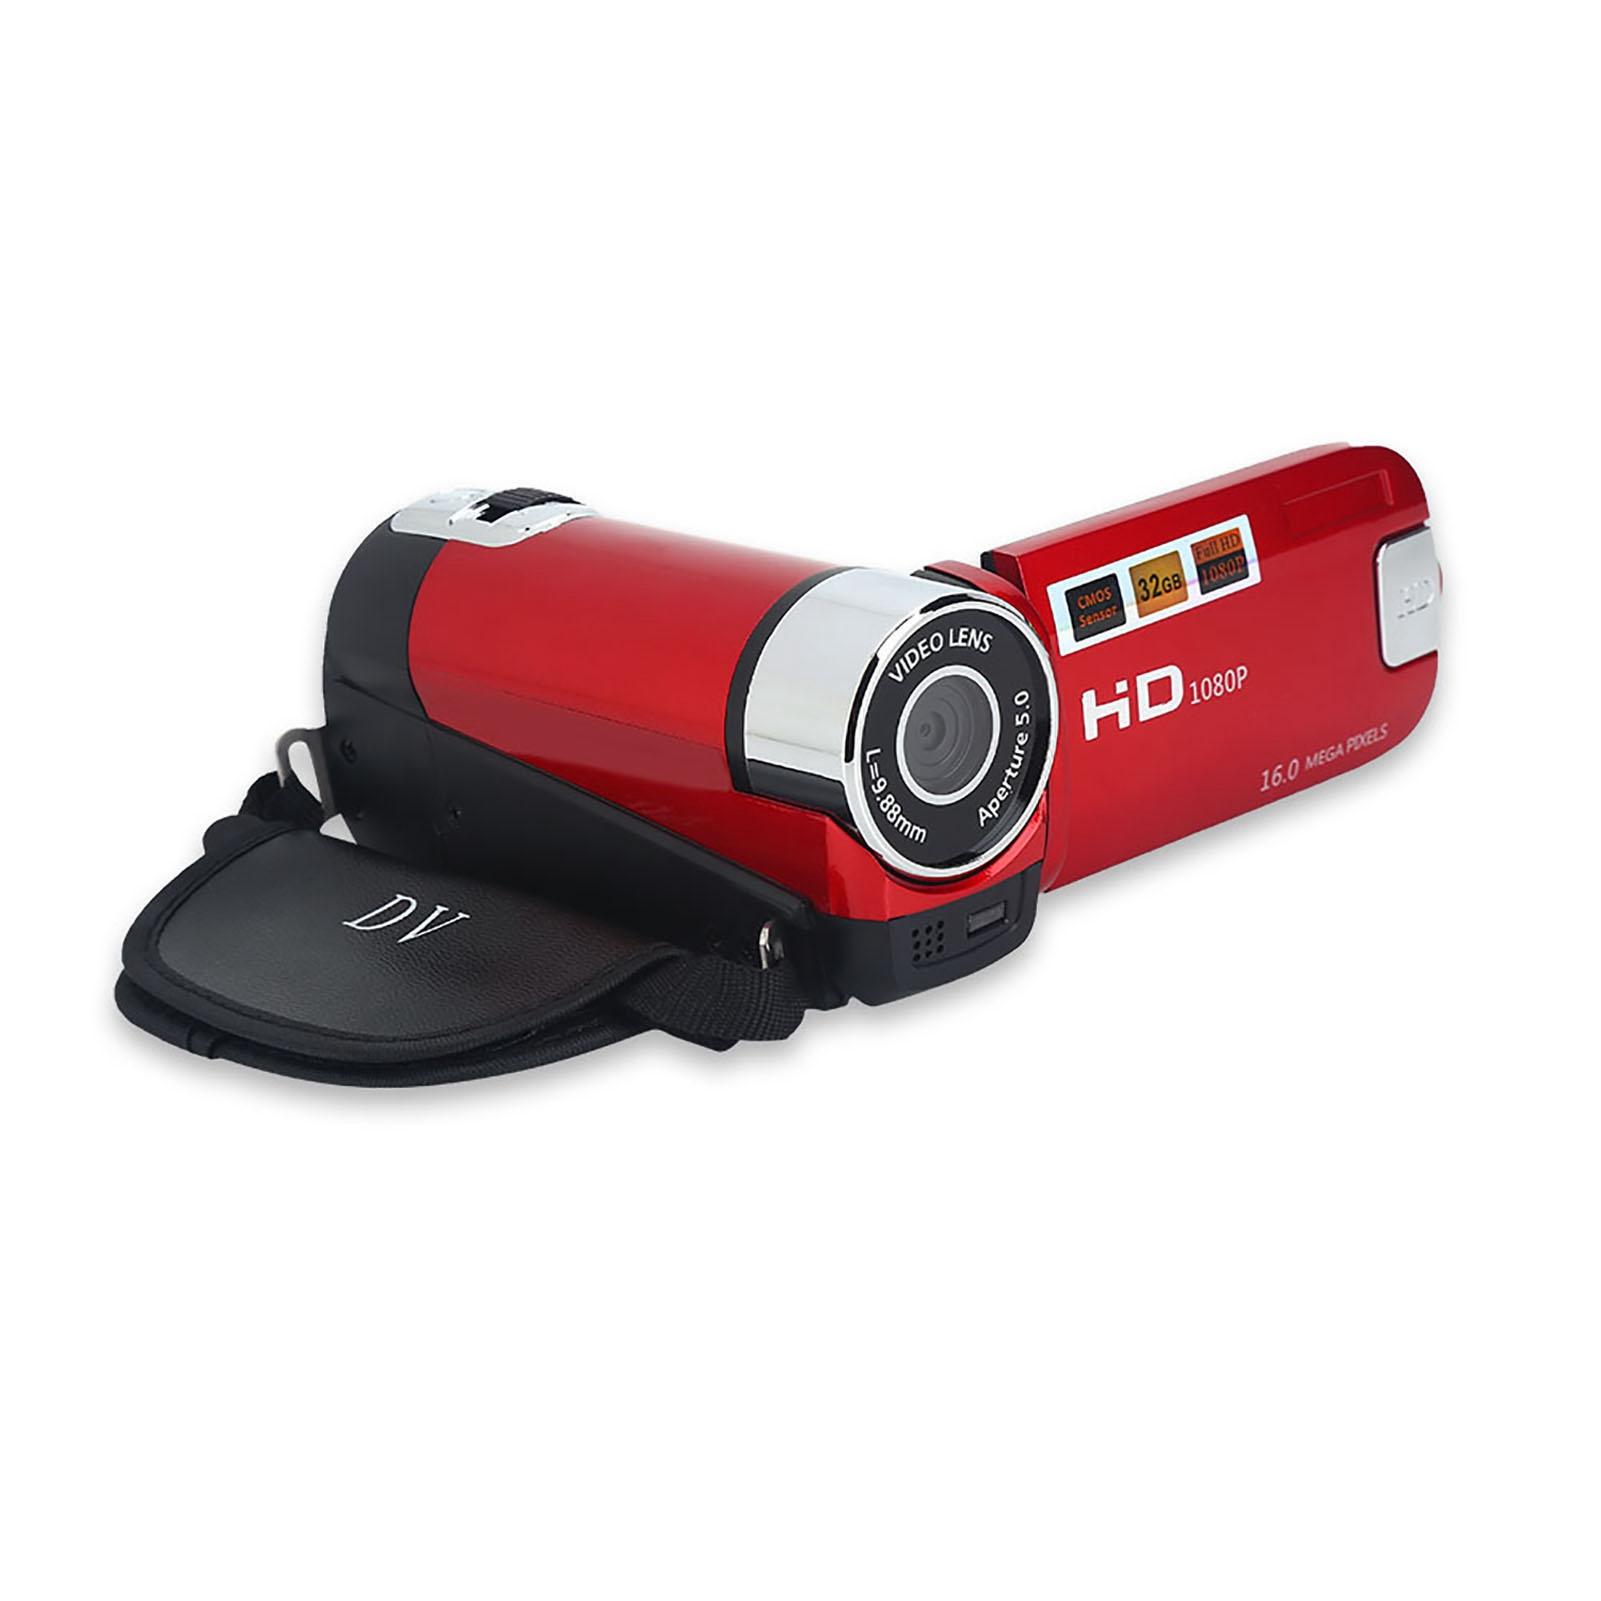 1080P-Camcorder-Digital-Video-Camera-TFT-LCD-Sceen-24MP-16x-DV-AV-Night-Vision-F thumbnail 36